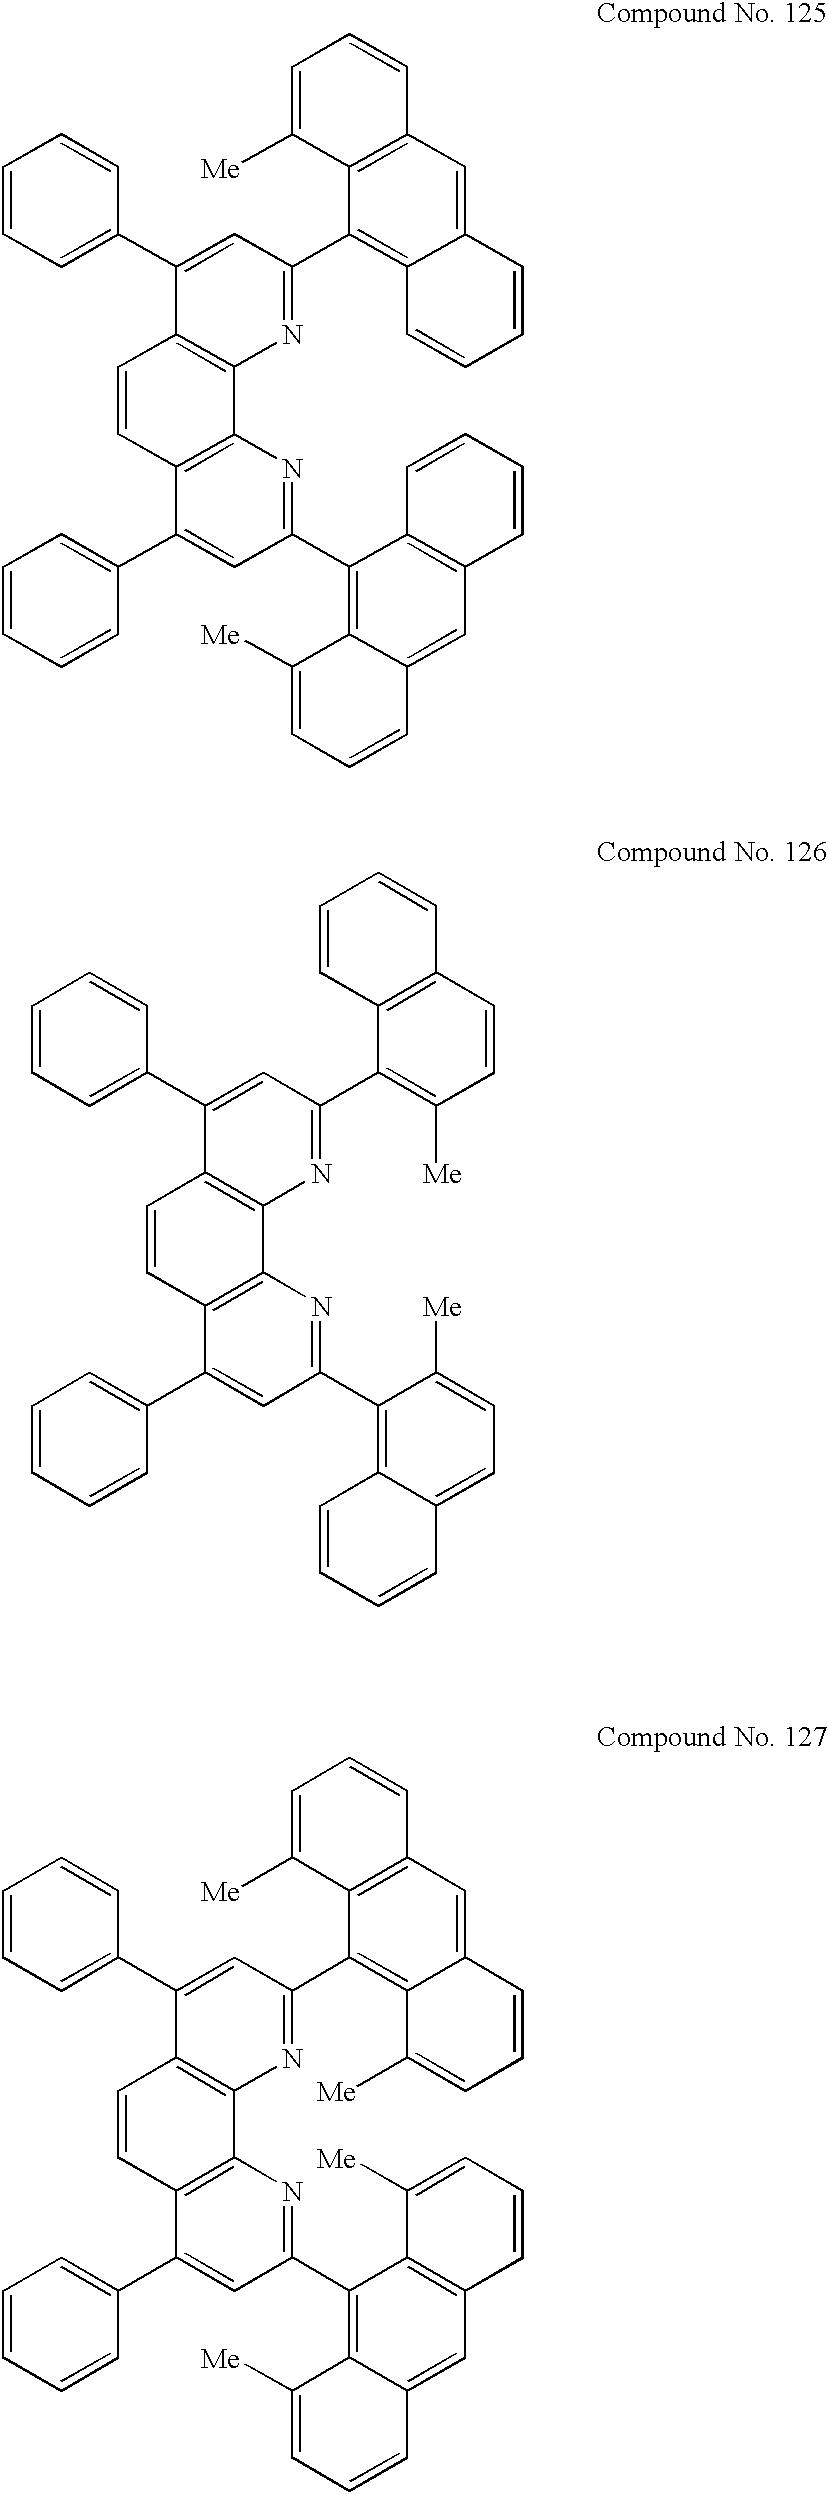 Figure US06524728-20030225-C00038